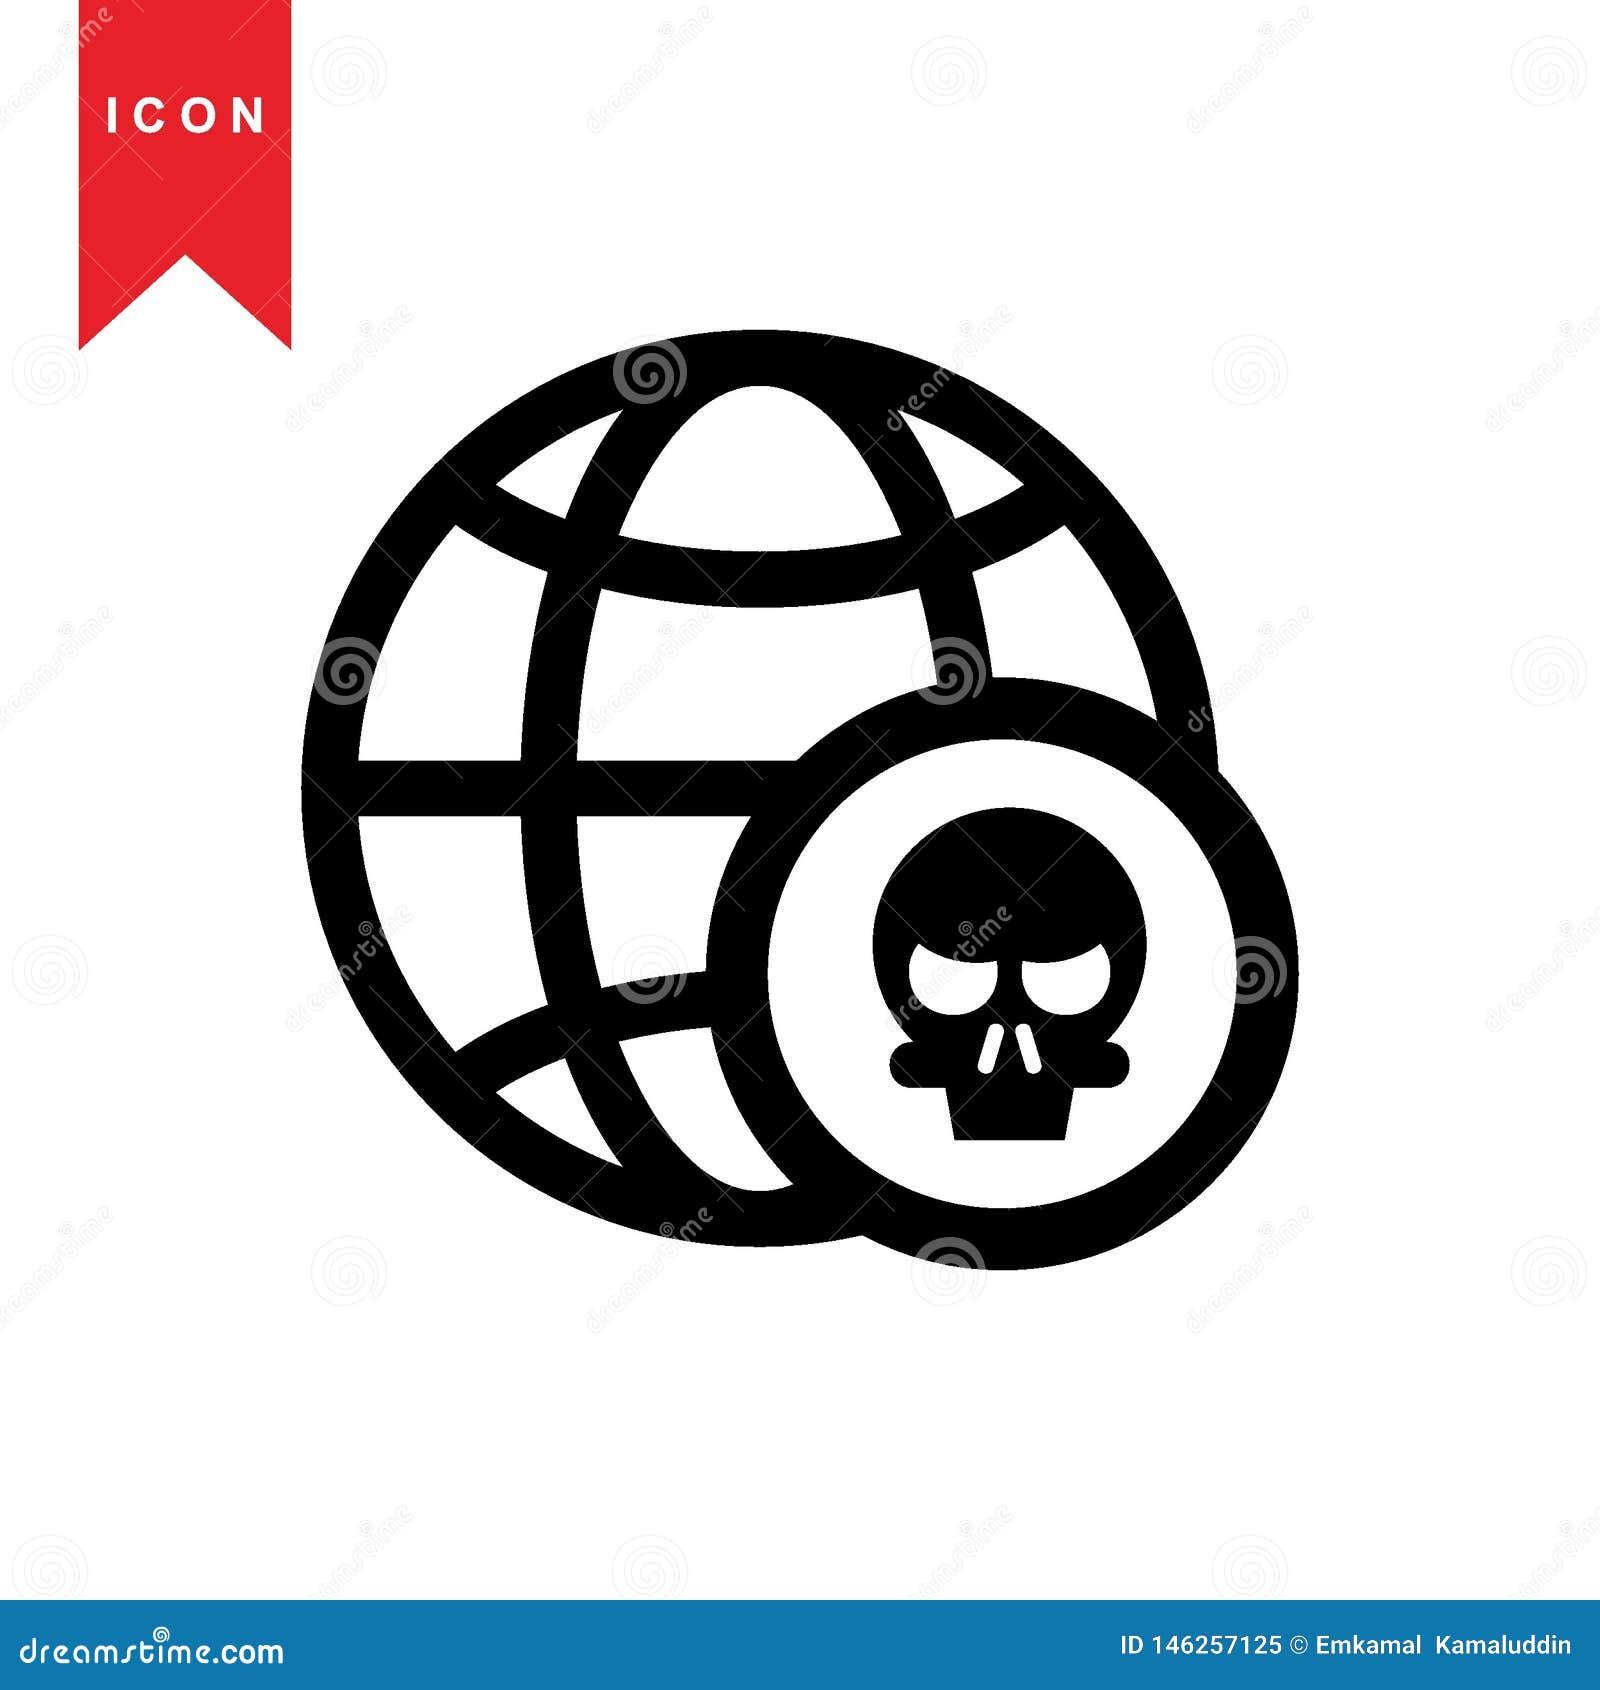 Iconos del pirata inform?tico